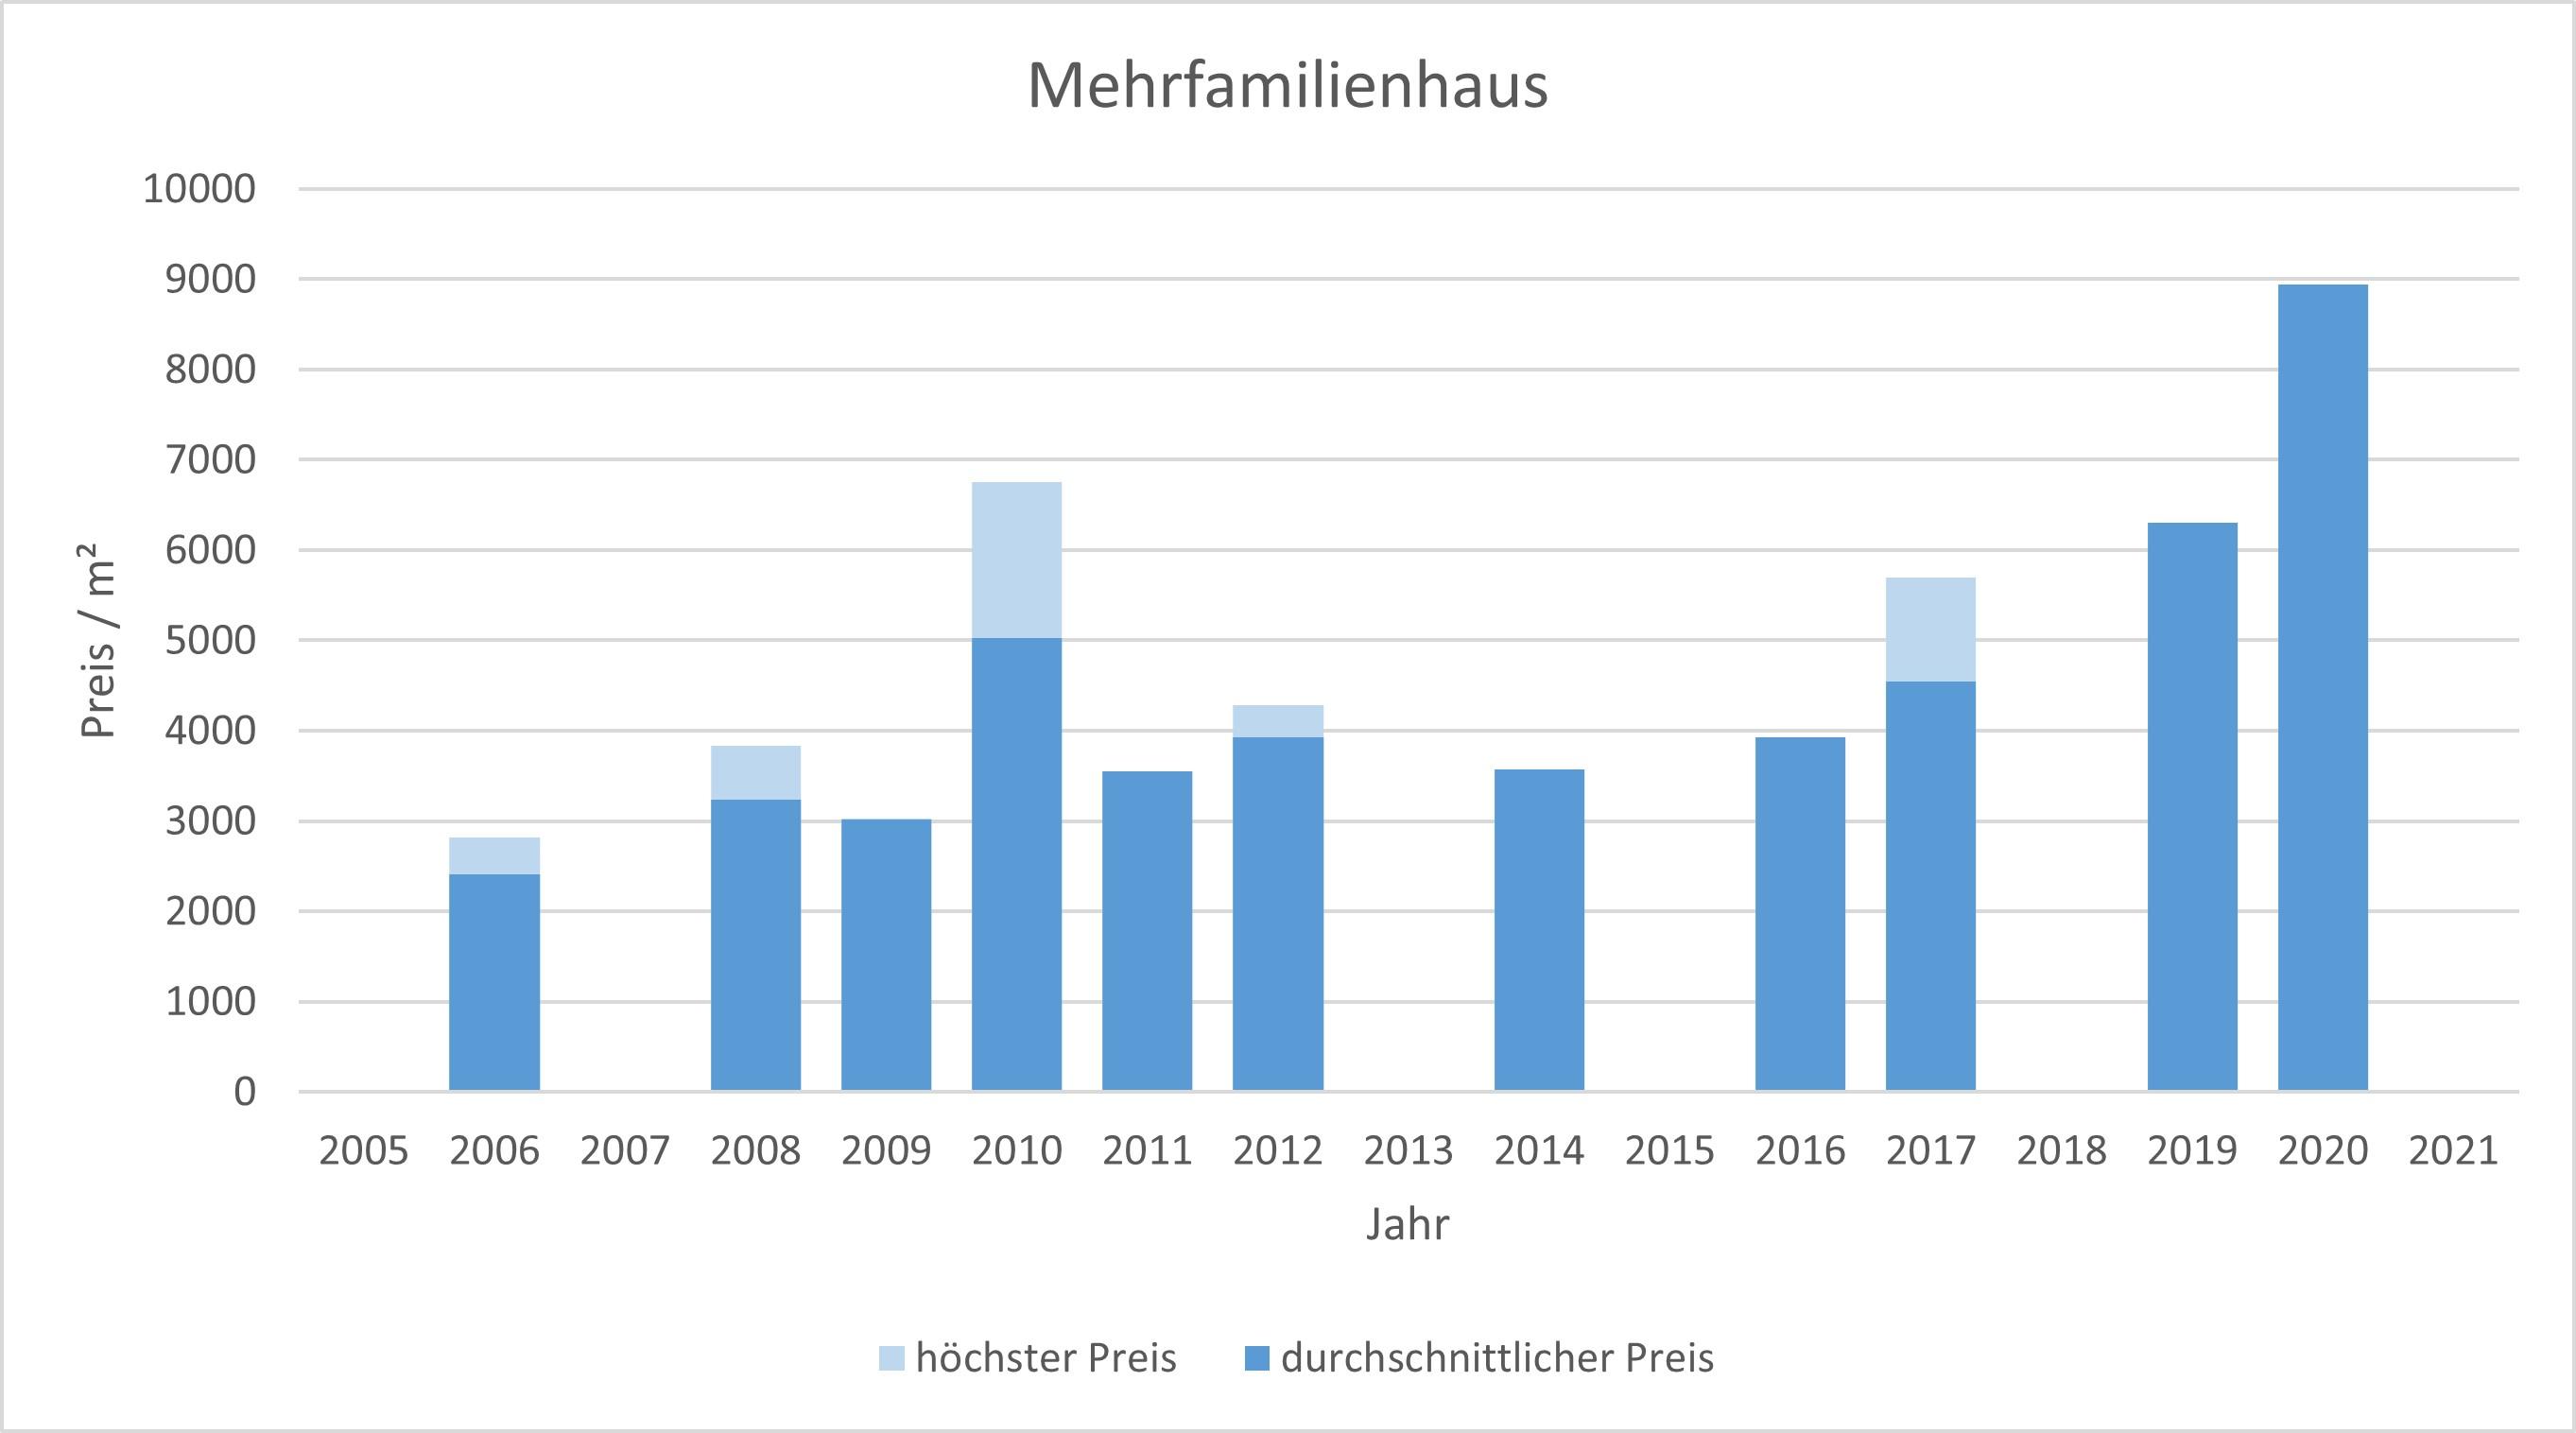 Straßlach - Dingharting Mehrfamilienhasu kaufen verkaufen Preis Bewertung Makler 2019 2020 2021 www.happy-immo.de